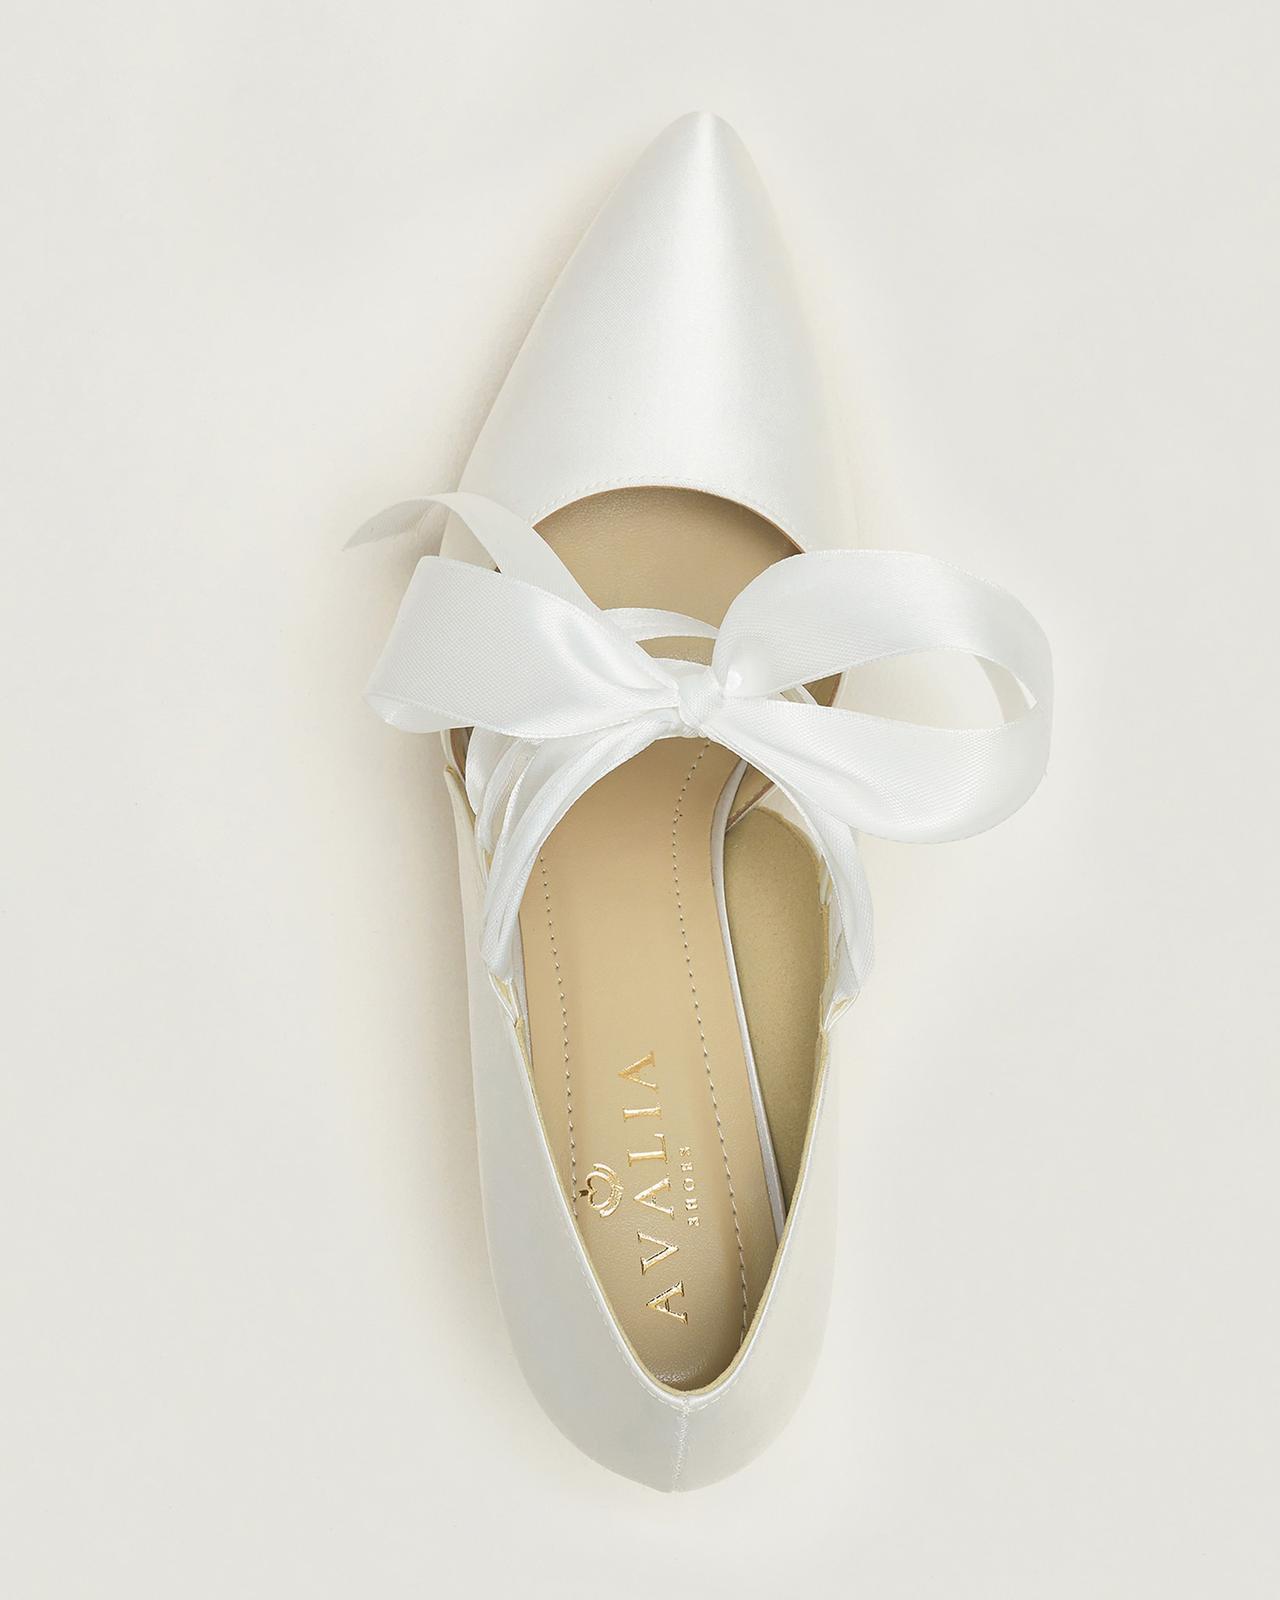 Svadobné topánky Gigi - Obrázok č. 3